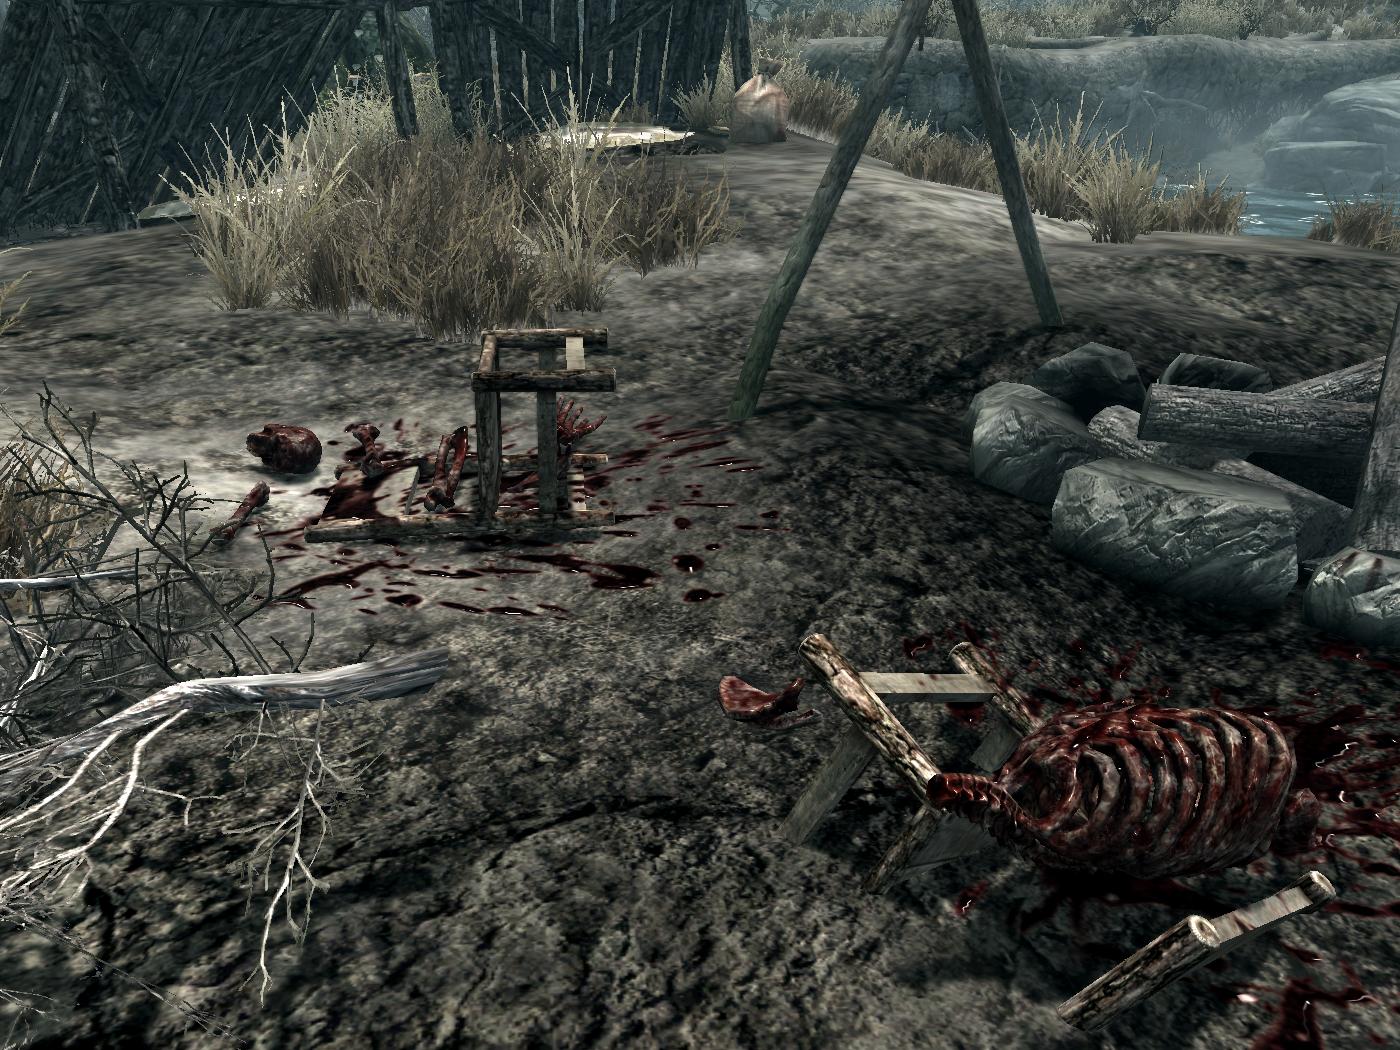 У пацанов бомбануло - Elder Scrolls 5: Skyrim, the